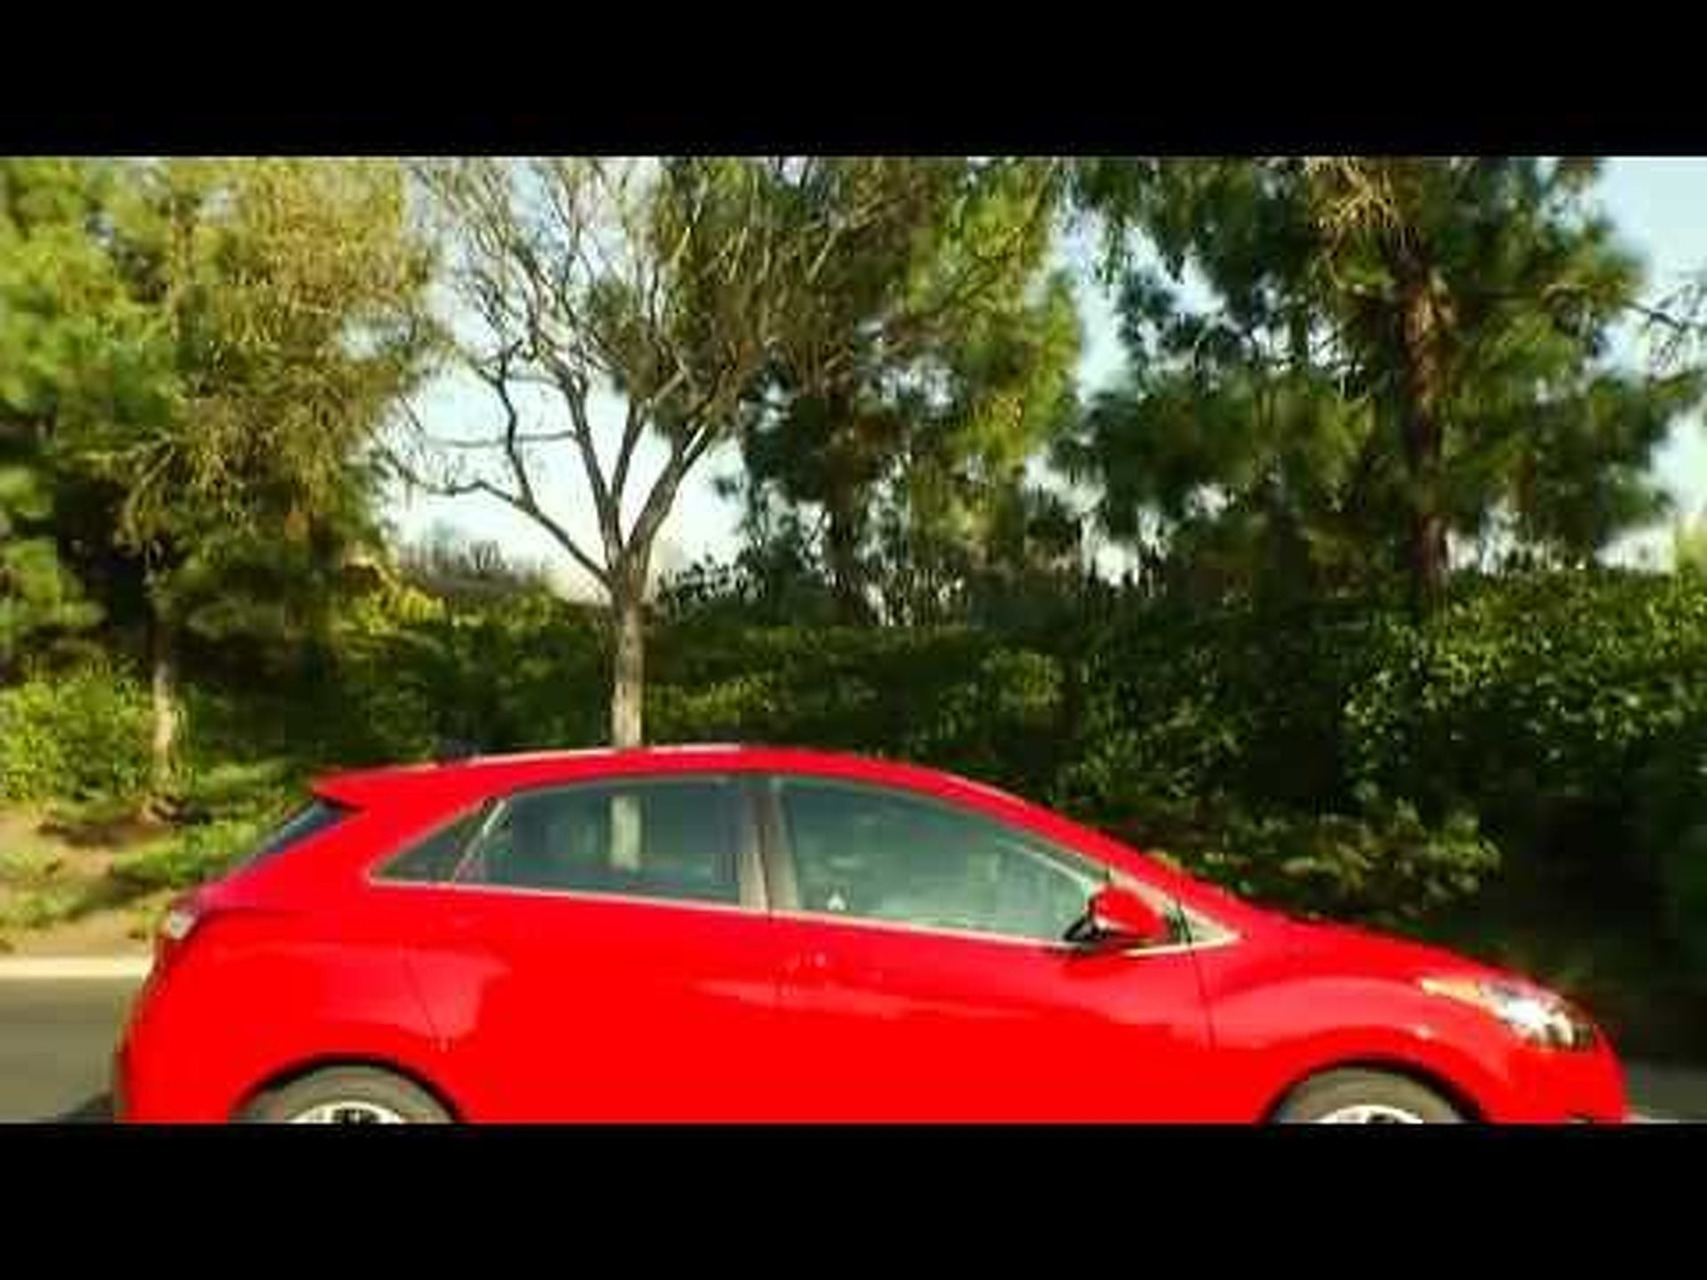 2013 Hyundai Elantra GT B-Roll